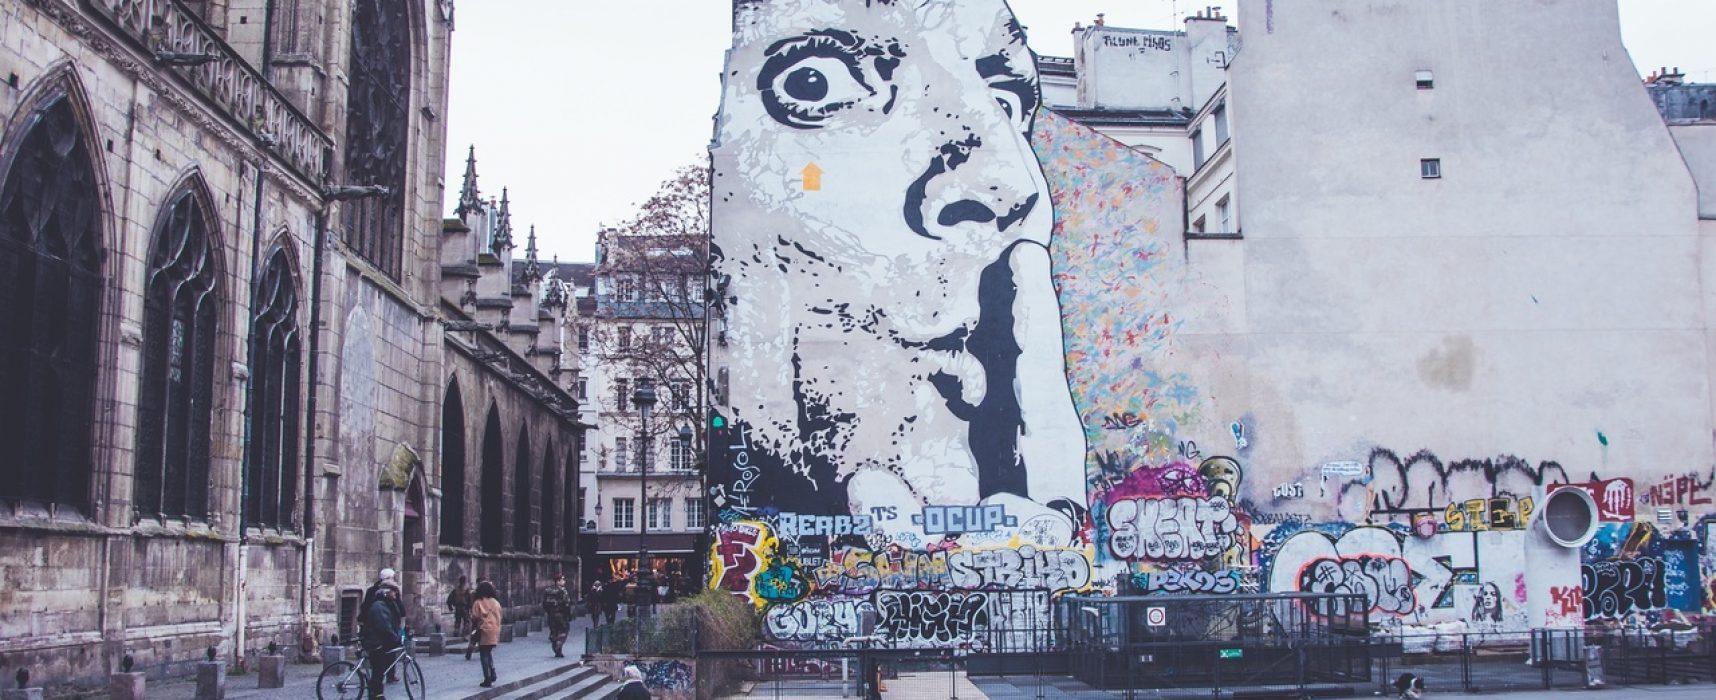 We Francji pojawił się pomysł zamykania mediów za fake'i. Czy Ukraina pójdzie w jej ślady?